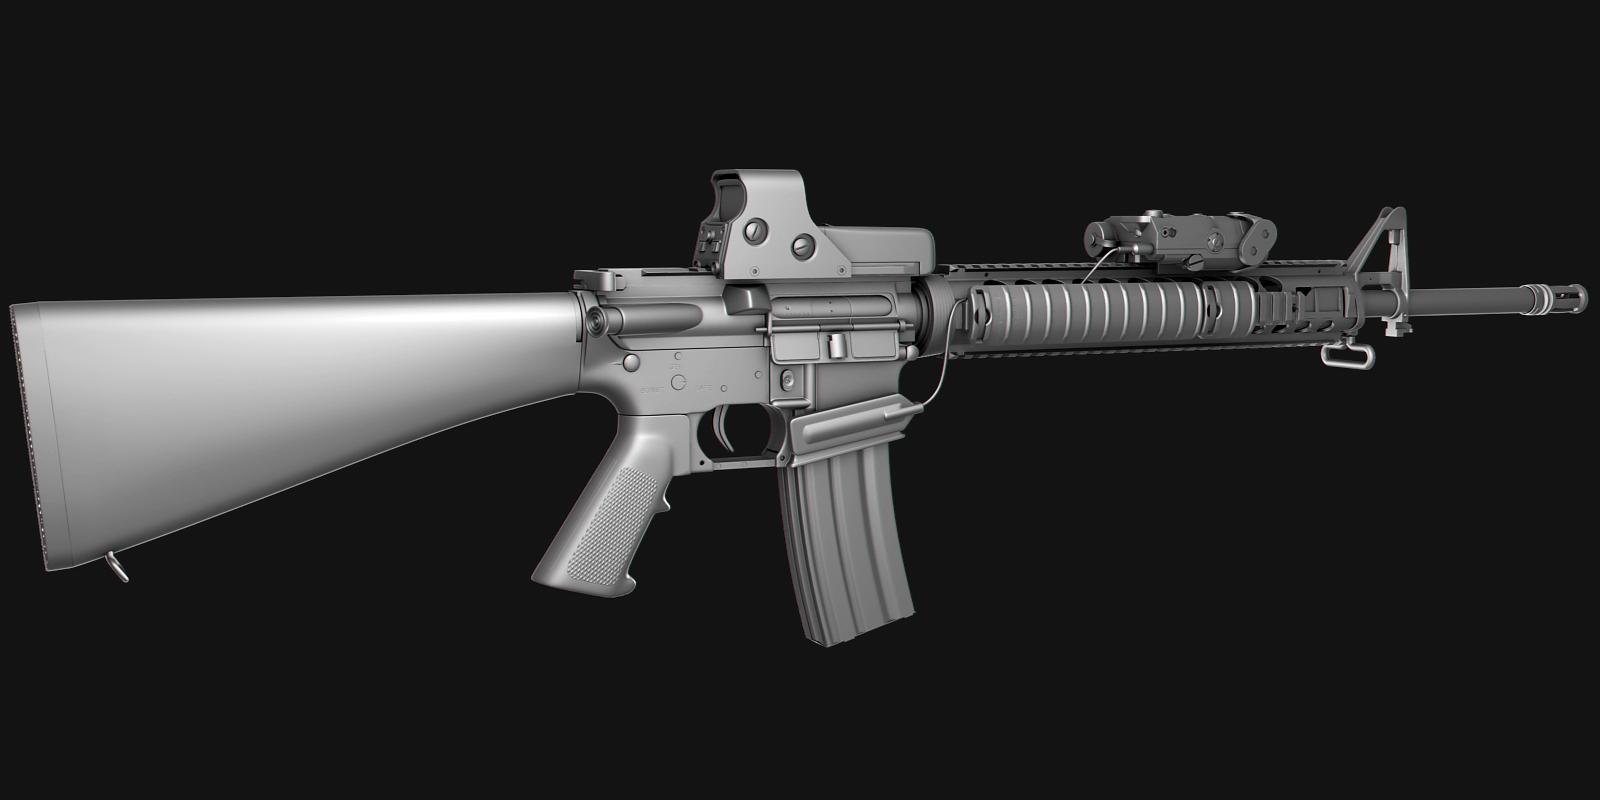 M16A4 Assault Rifle: No texture 2 by NordlingArt on deviantART M16a4 Assault Rifle